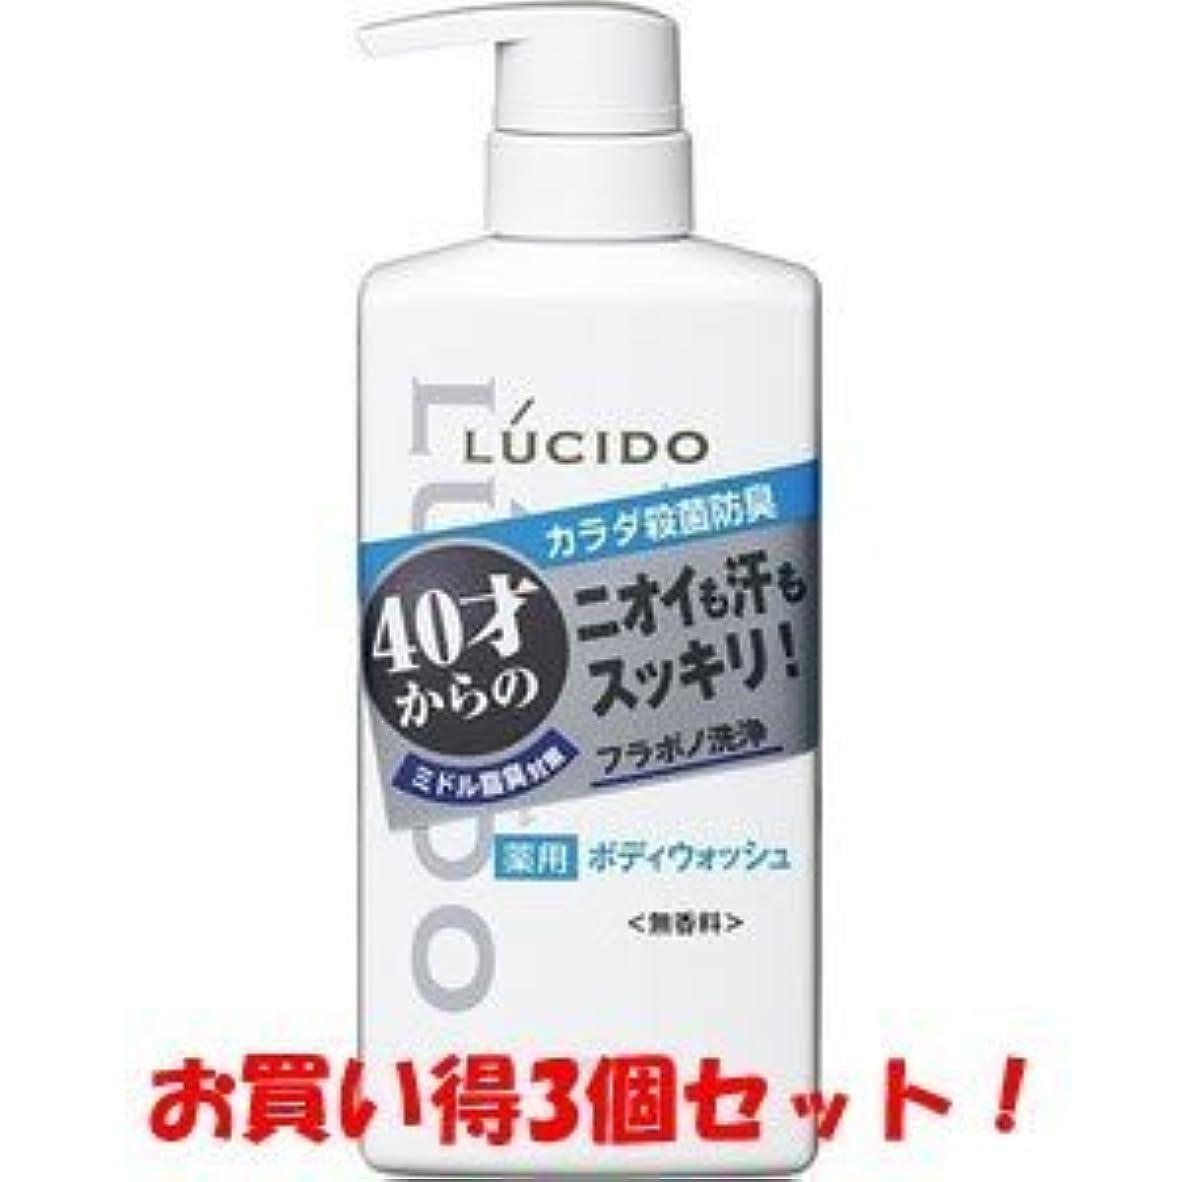 配分より良い恐ろしいです【LUCIDO】ルシード 薬用デオドラントボディウォッシュ 450ml(医薬部外品)(お買い得3個セット)